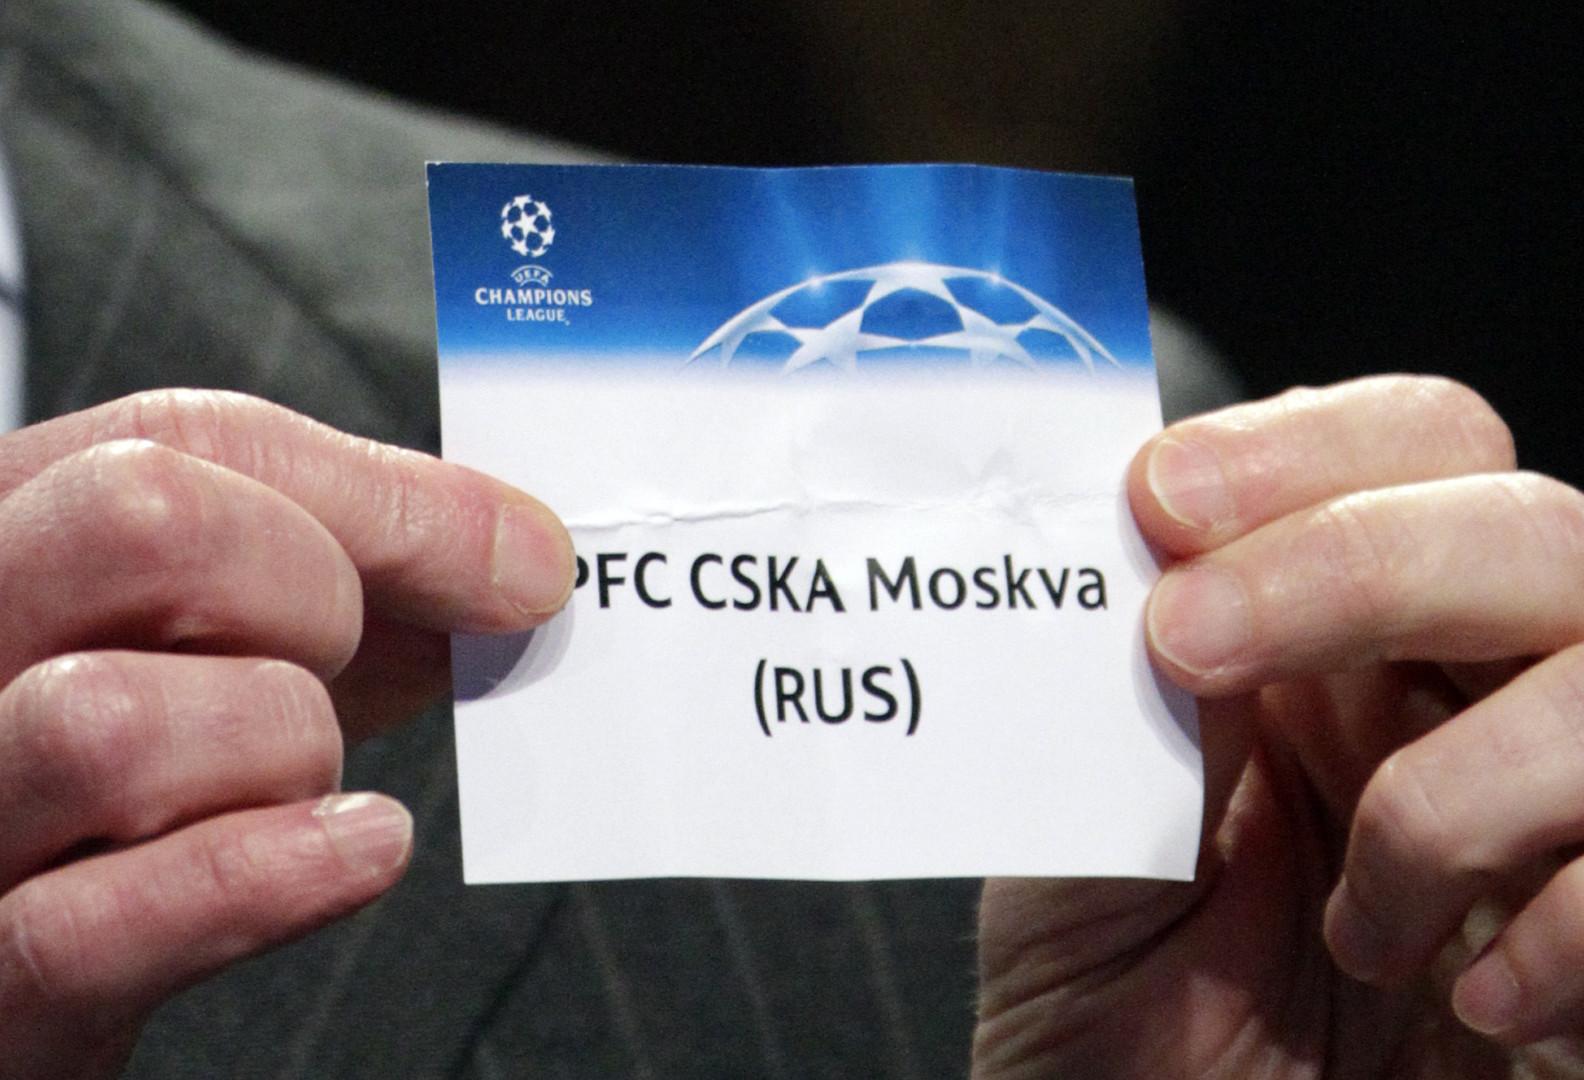 Последний барьер: ЦСКА, «Зенит» и «Краснодар» узнали своих соперников по заключительному раунду квалификации еврокубков